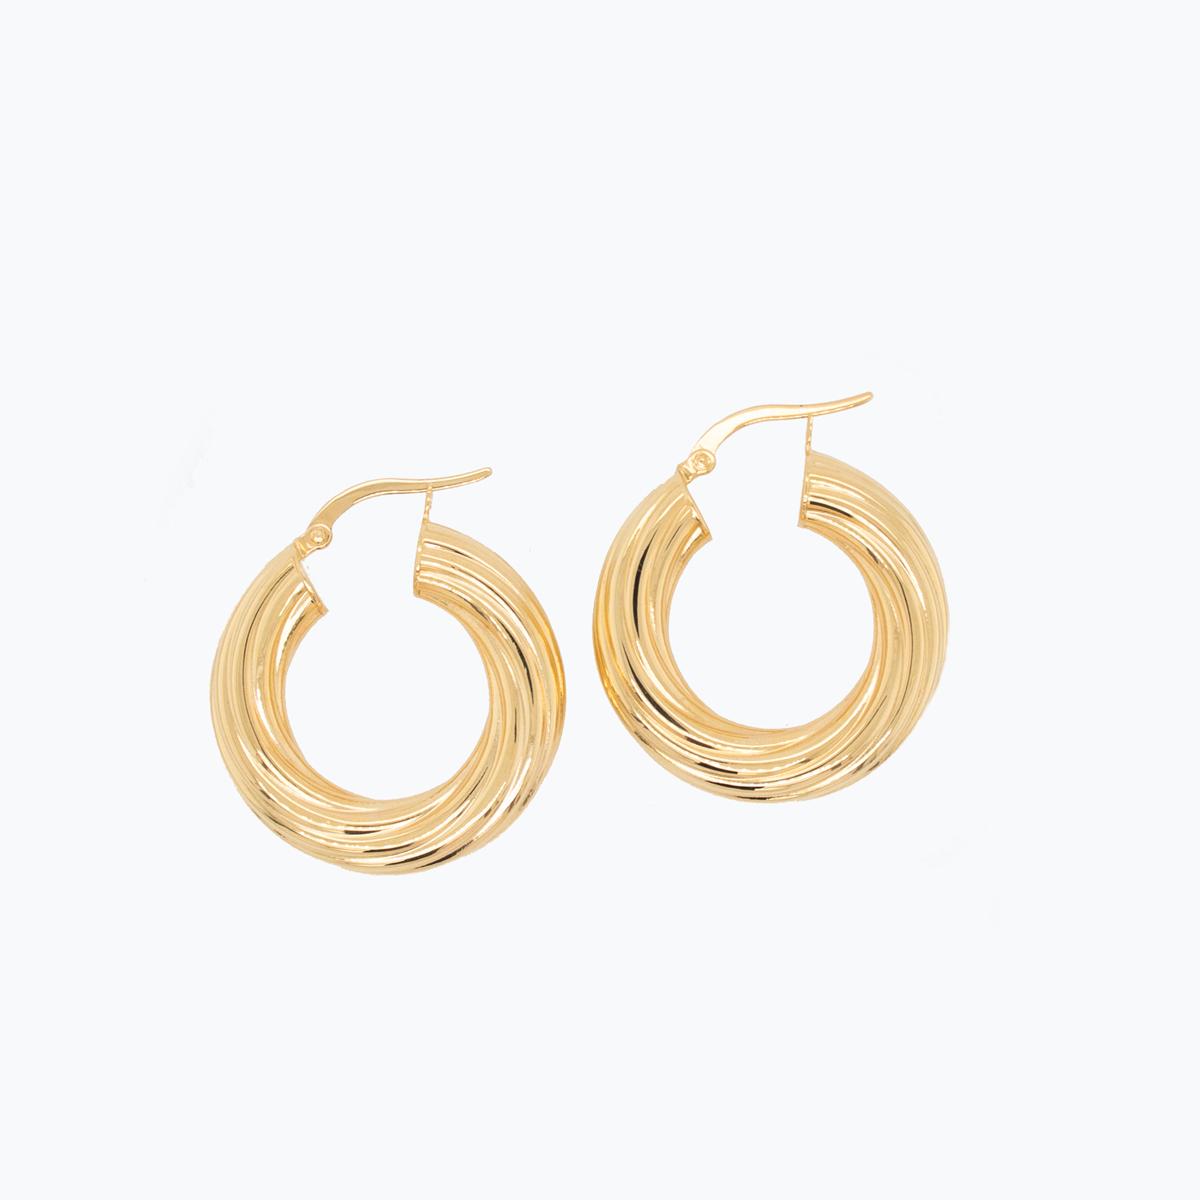 Gucci's Twizzler Hoop Earrings